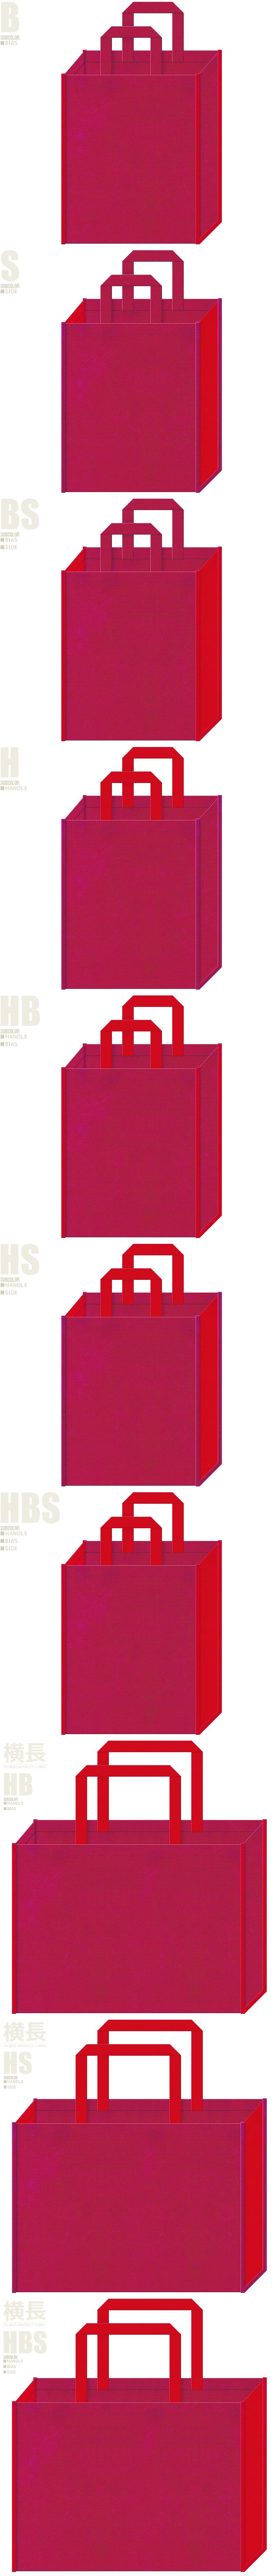 祇園・舞妓・絢爛・百花繚乱・花吹雪・茶会・和傘・邦楽演奏会・花火大会・観光・お祭り・法被・お正月・和風催事・福袋にお奨めの不織布バッグデザイン:濃いピンク色と紅色の配色7パターン